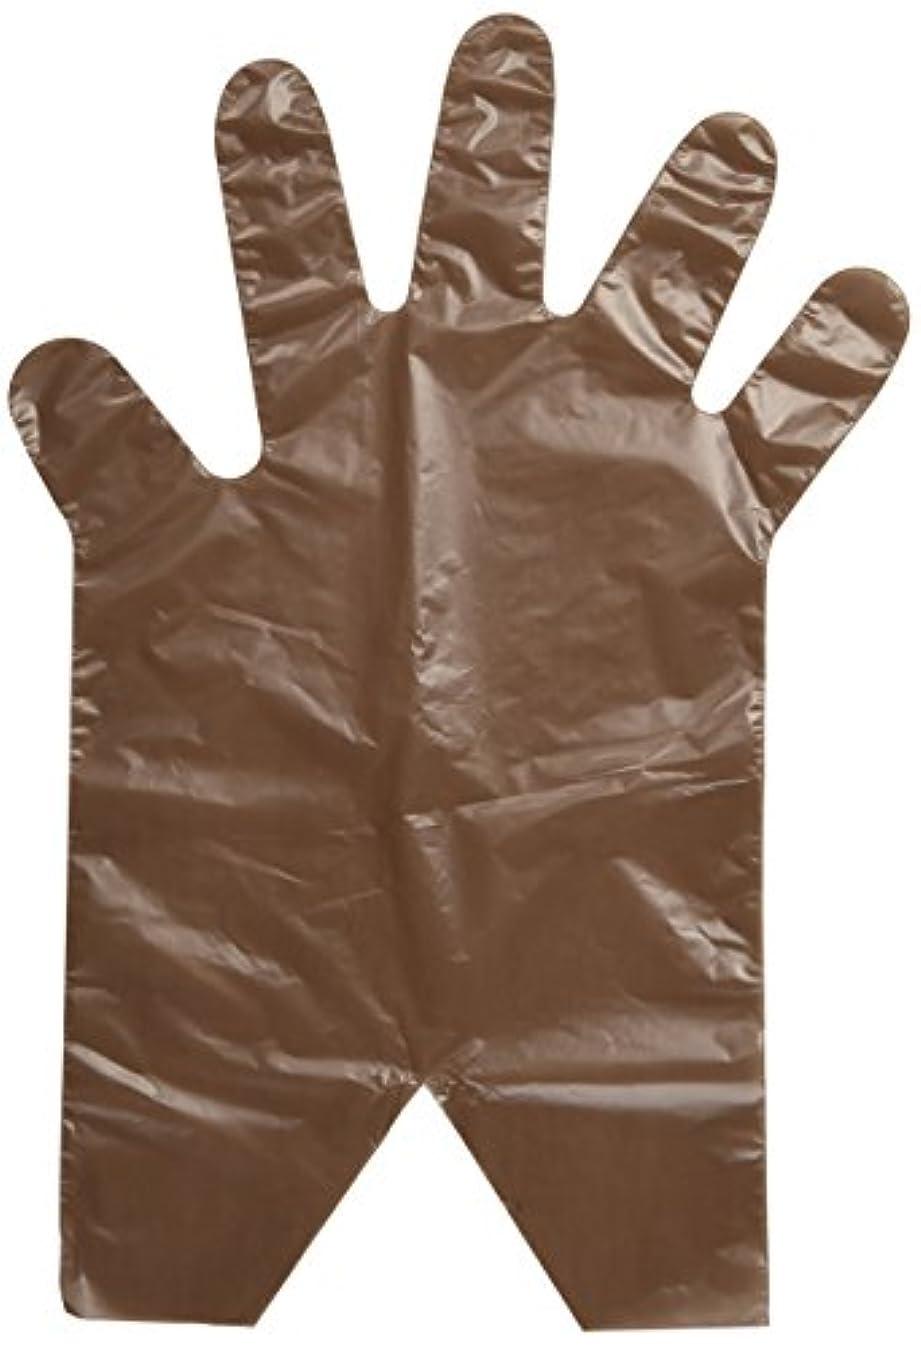 軽く前者不快つかんでくるんで便利な消臭ゴミ手袋 60枚組 SPP-10118